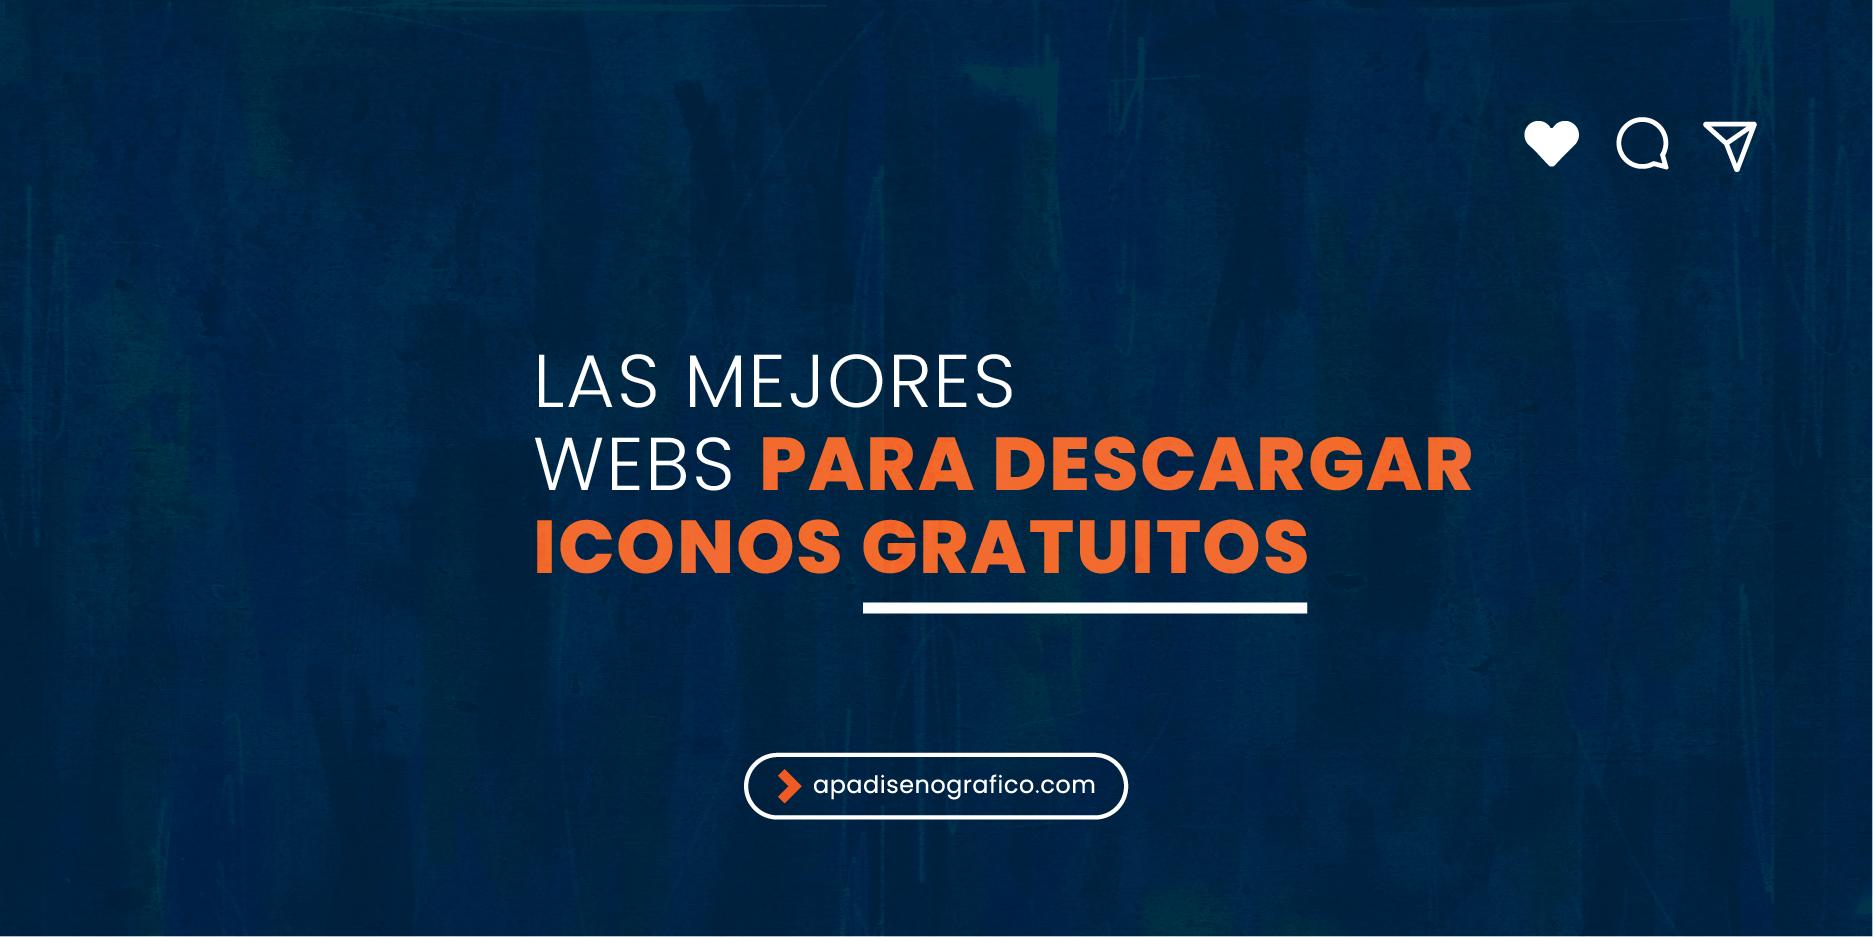 paginas gratuitas para descargar iconos vectoriales gratis